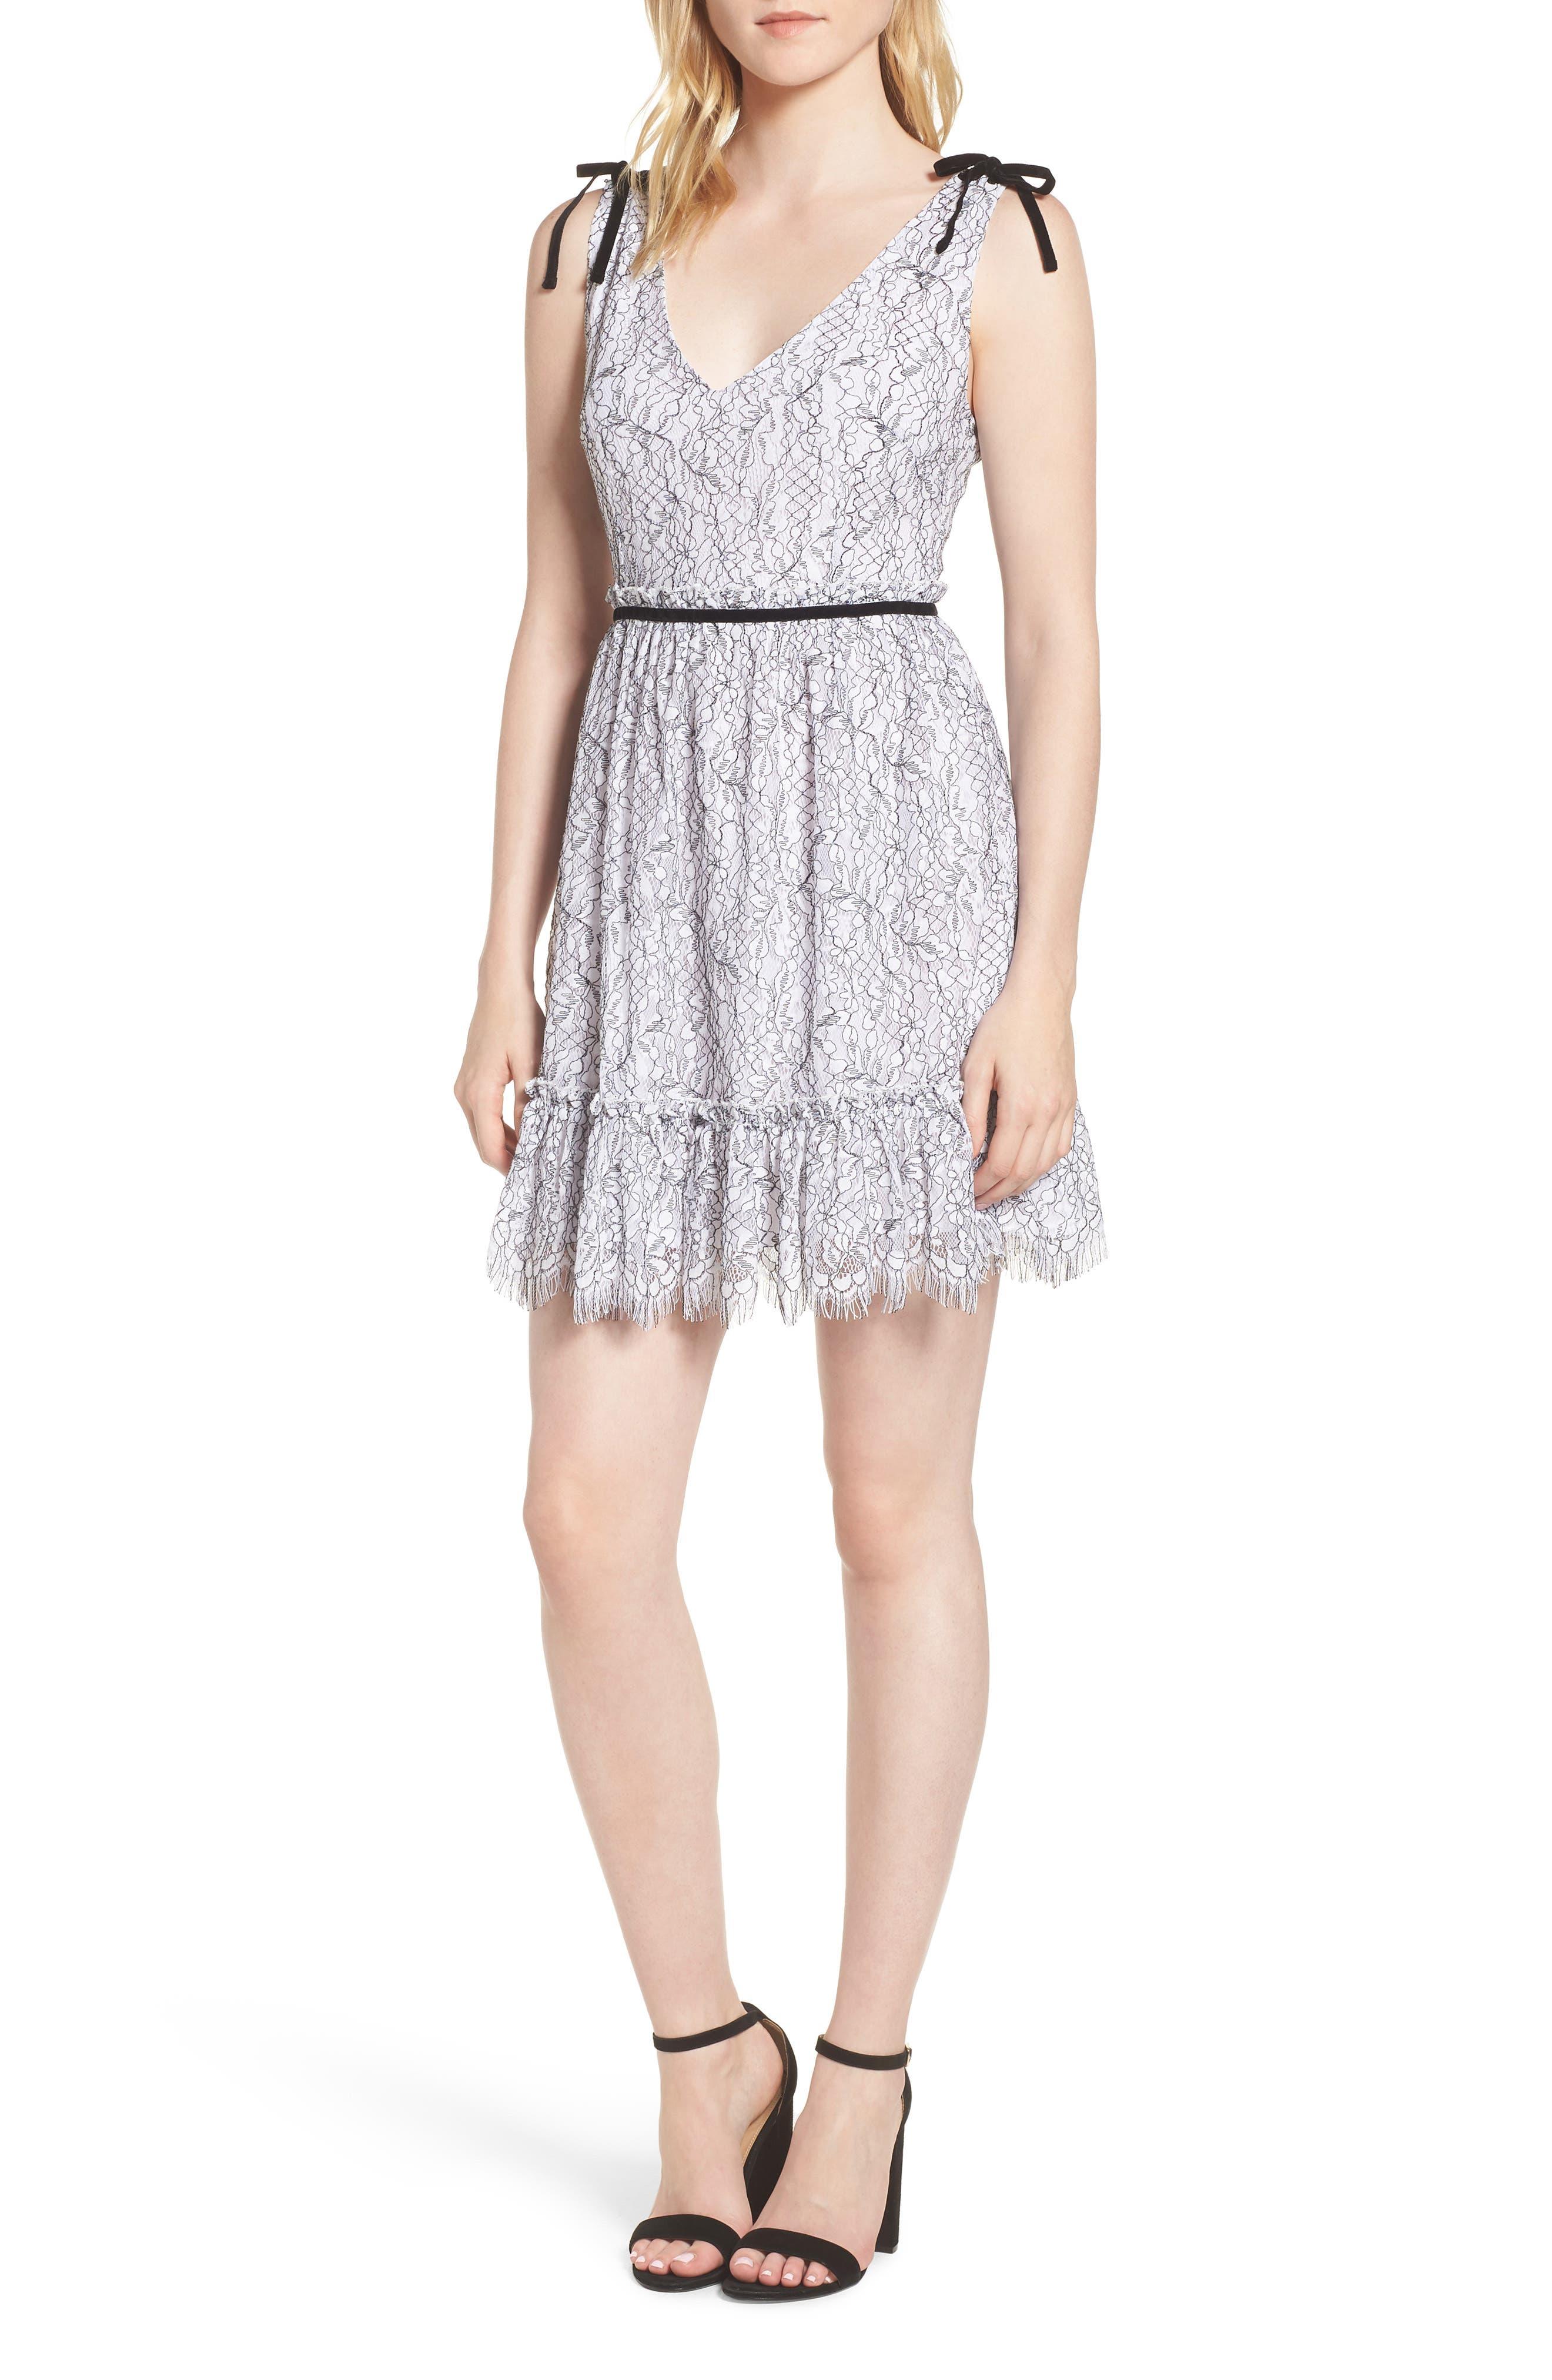 Ezzy Lace Dress,                             Main thumbnail 1, color,                             900